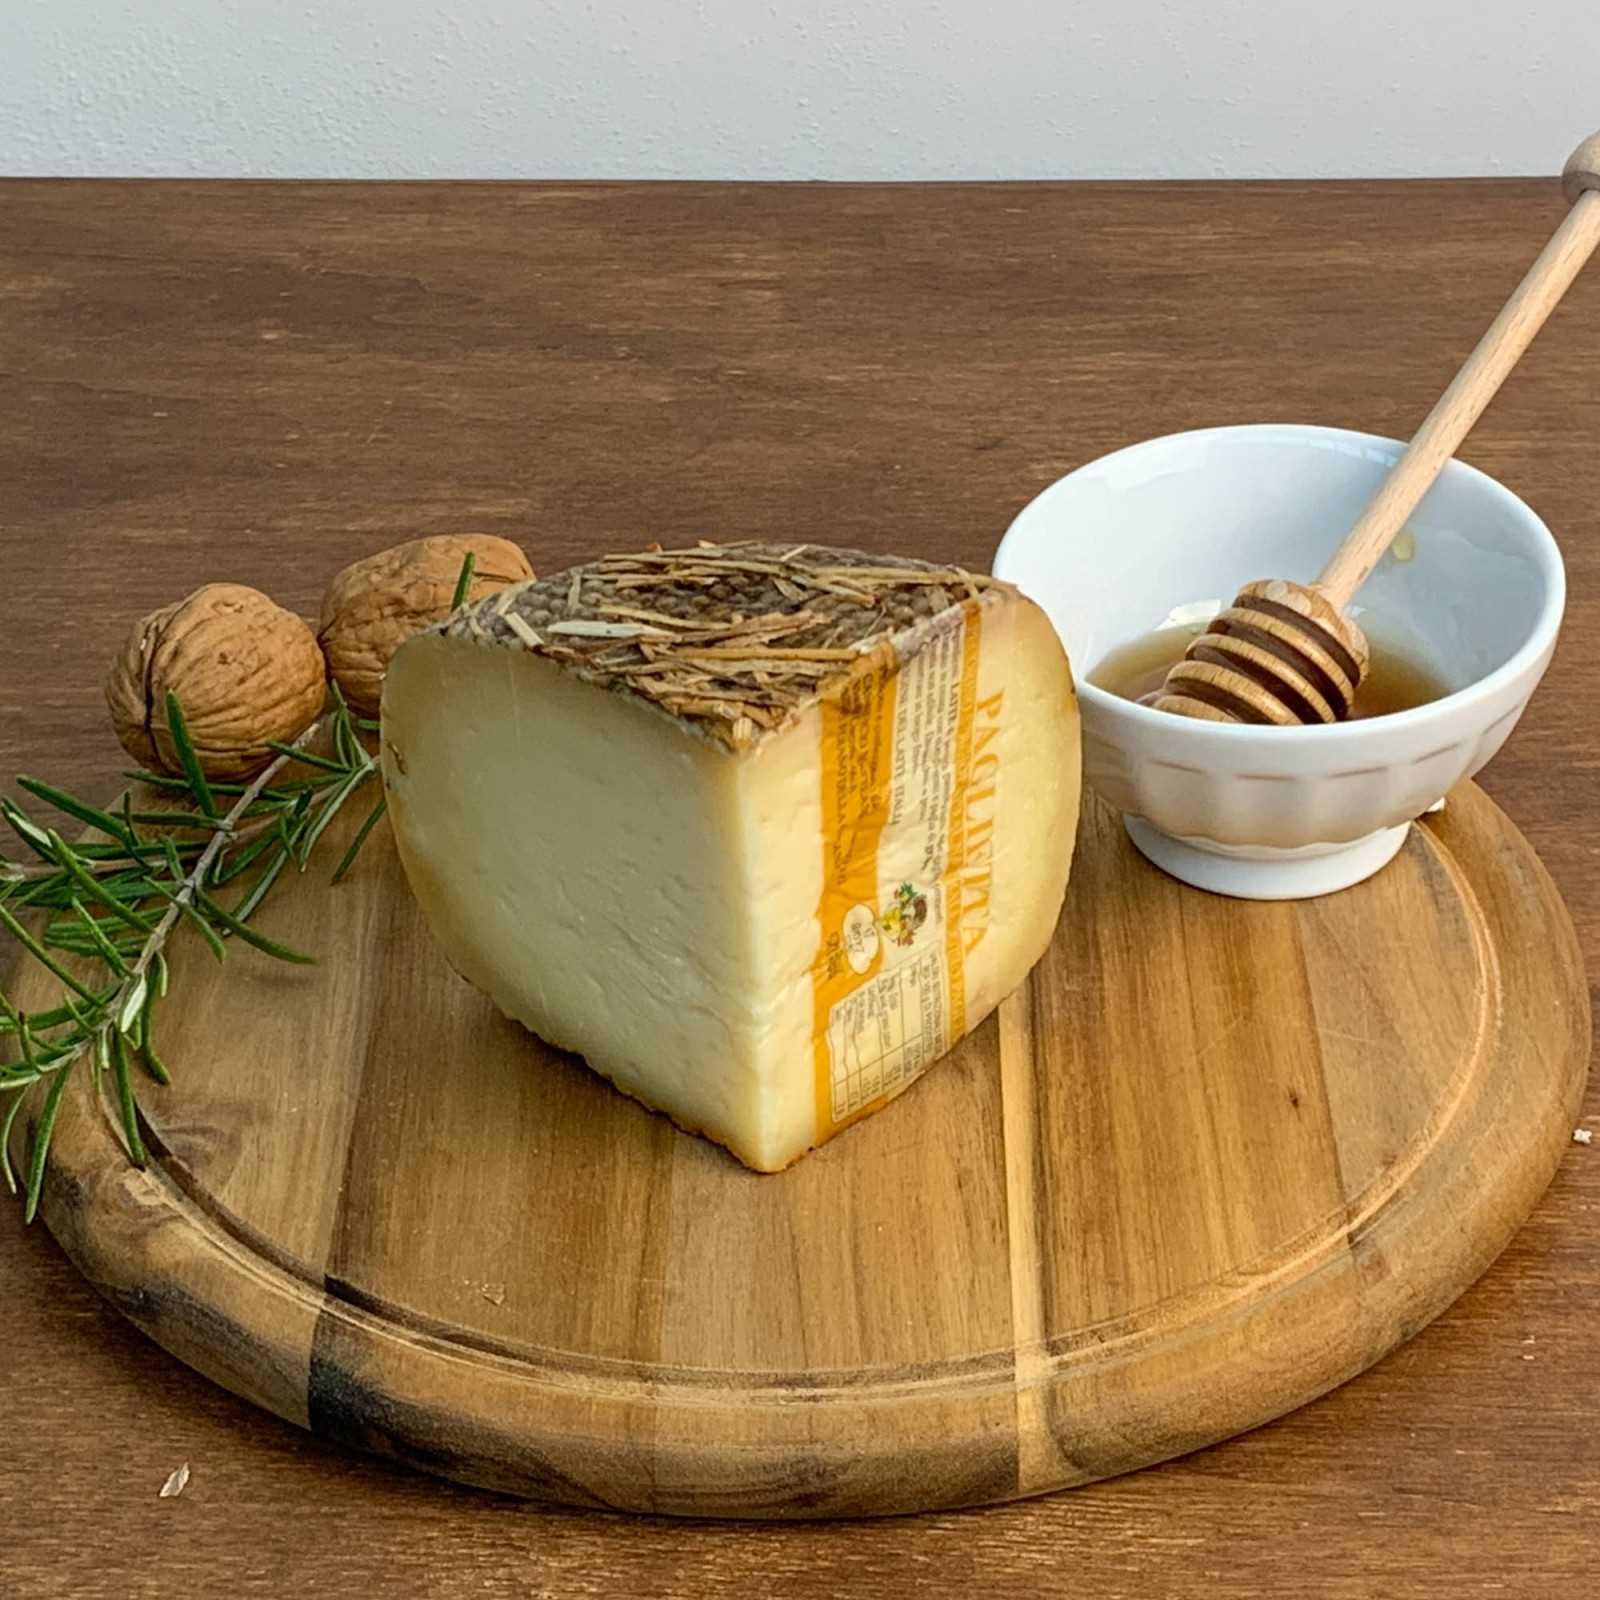 Mit Stroh Und Heu In Barrique Gereifter Pecorino-Käse.